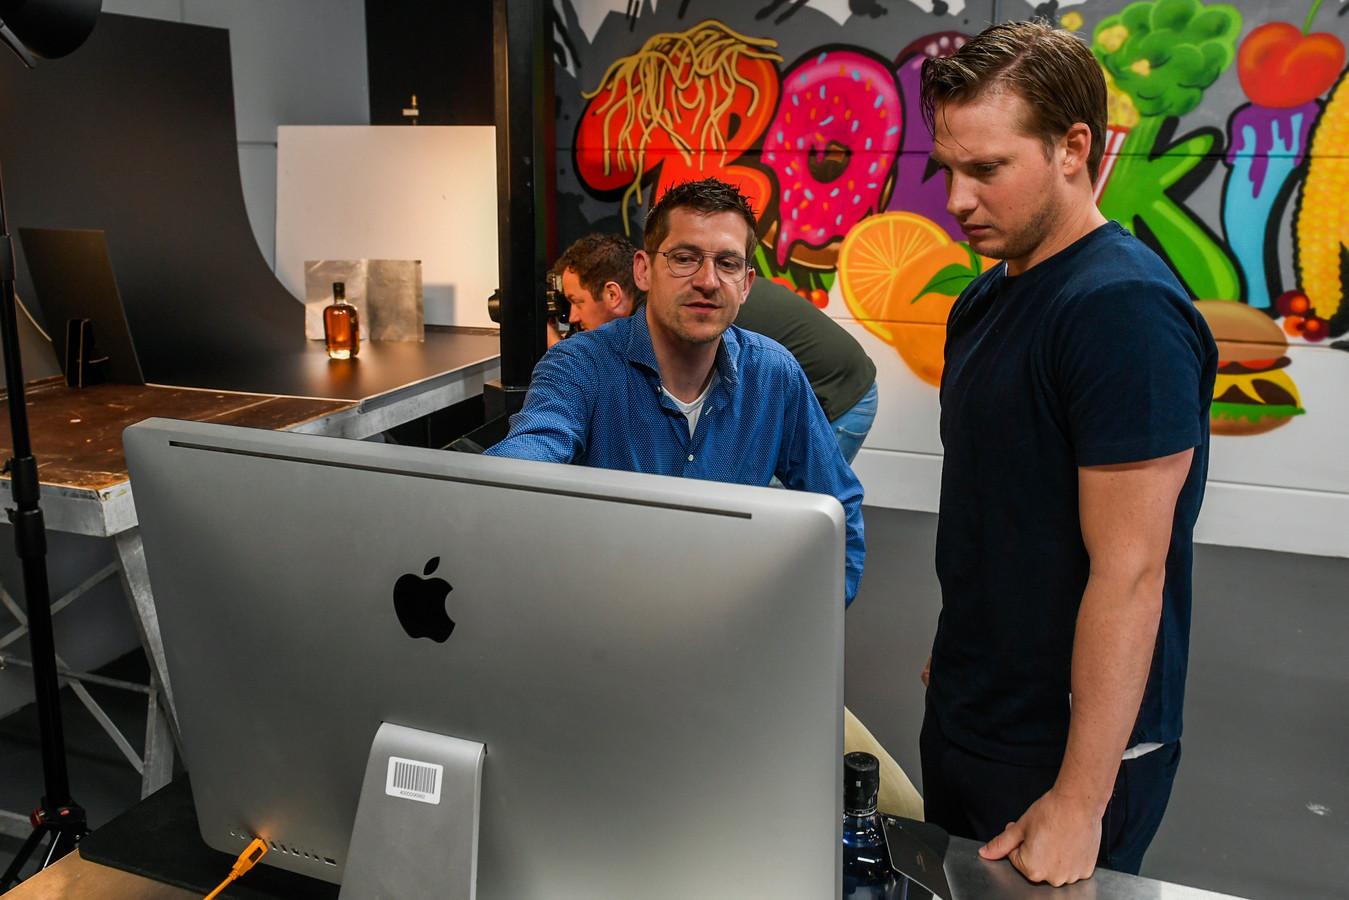 Joost van Roosmalen (rechts), Jeroen Wassing (links) en Wouter Weststrate (achtergrond) overleggen met elkaar over de fotoshoot.